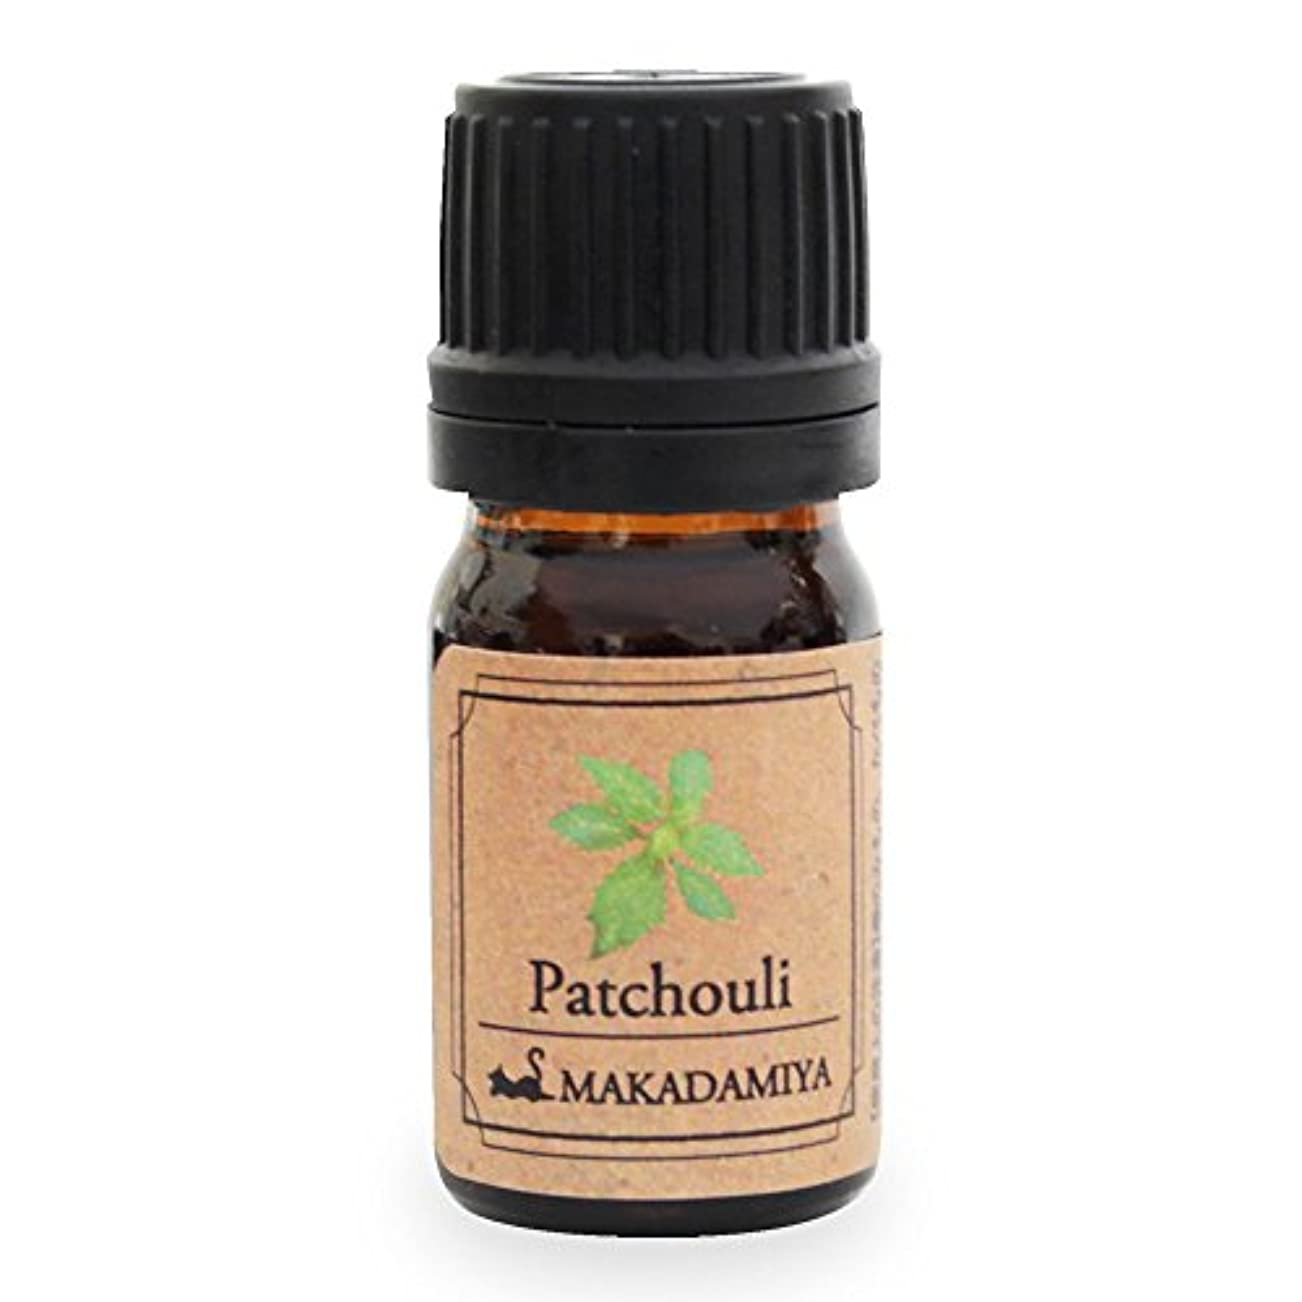 ホース軽蔑するグラムパチュリ5ml 天然100%植物性 エッセンシャルオイル(精油) アロマオイル アロママッサージ aroma Patchouli